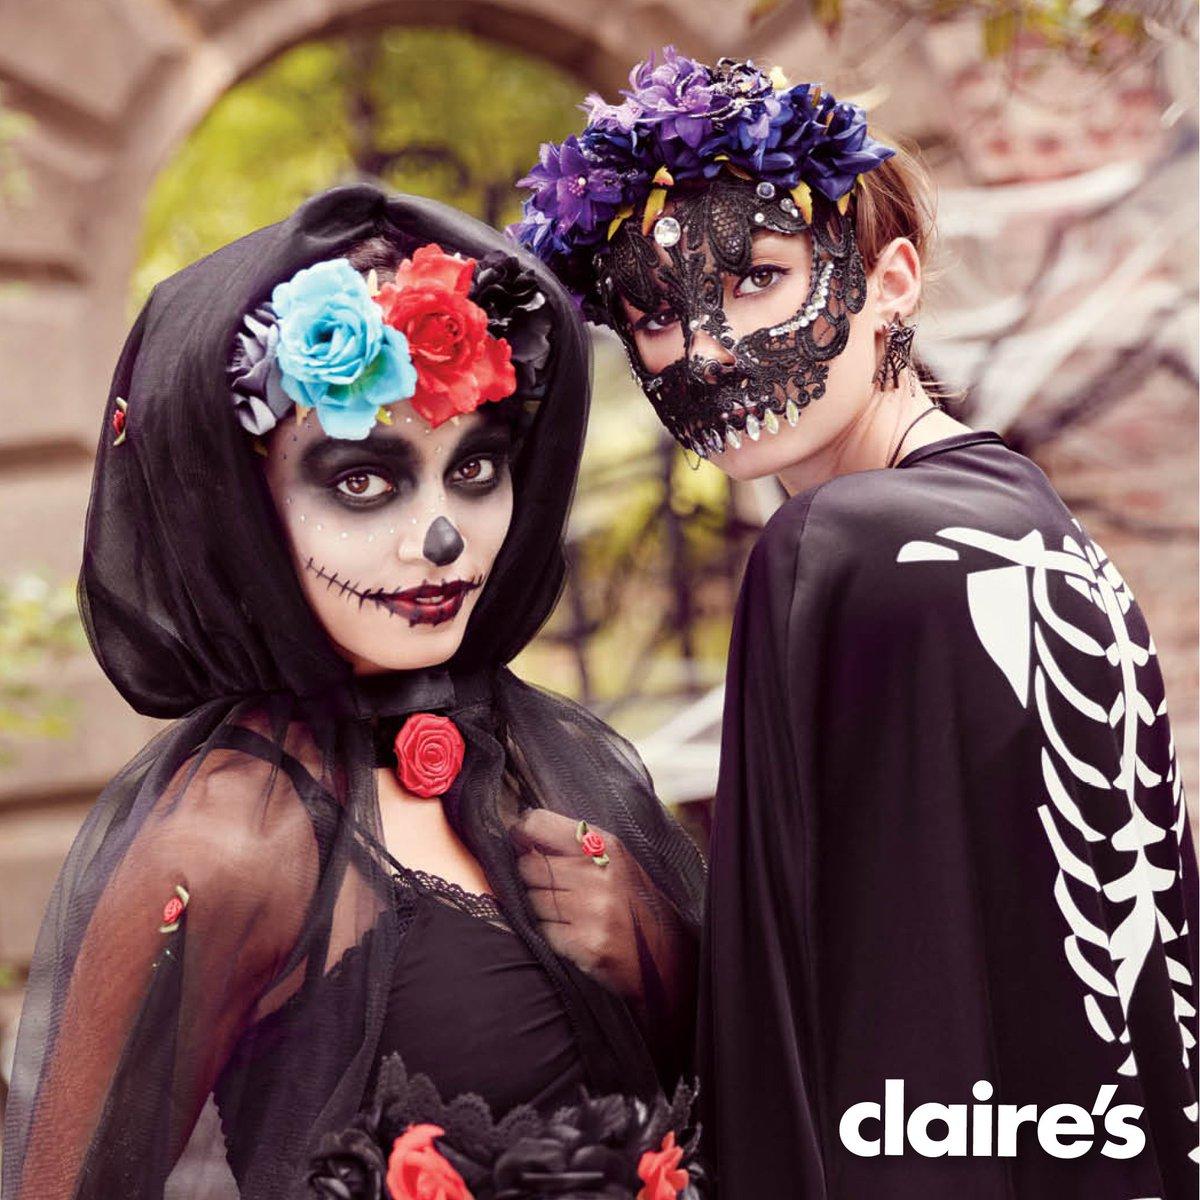 ¡Diviértete este Halloween y disfrázate con lindos accesorios de #Claires! ;) https://t.co/oJeKaPQinX